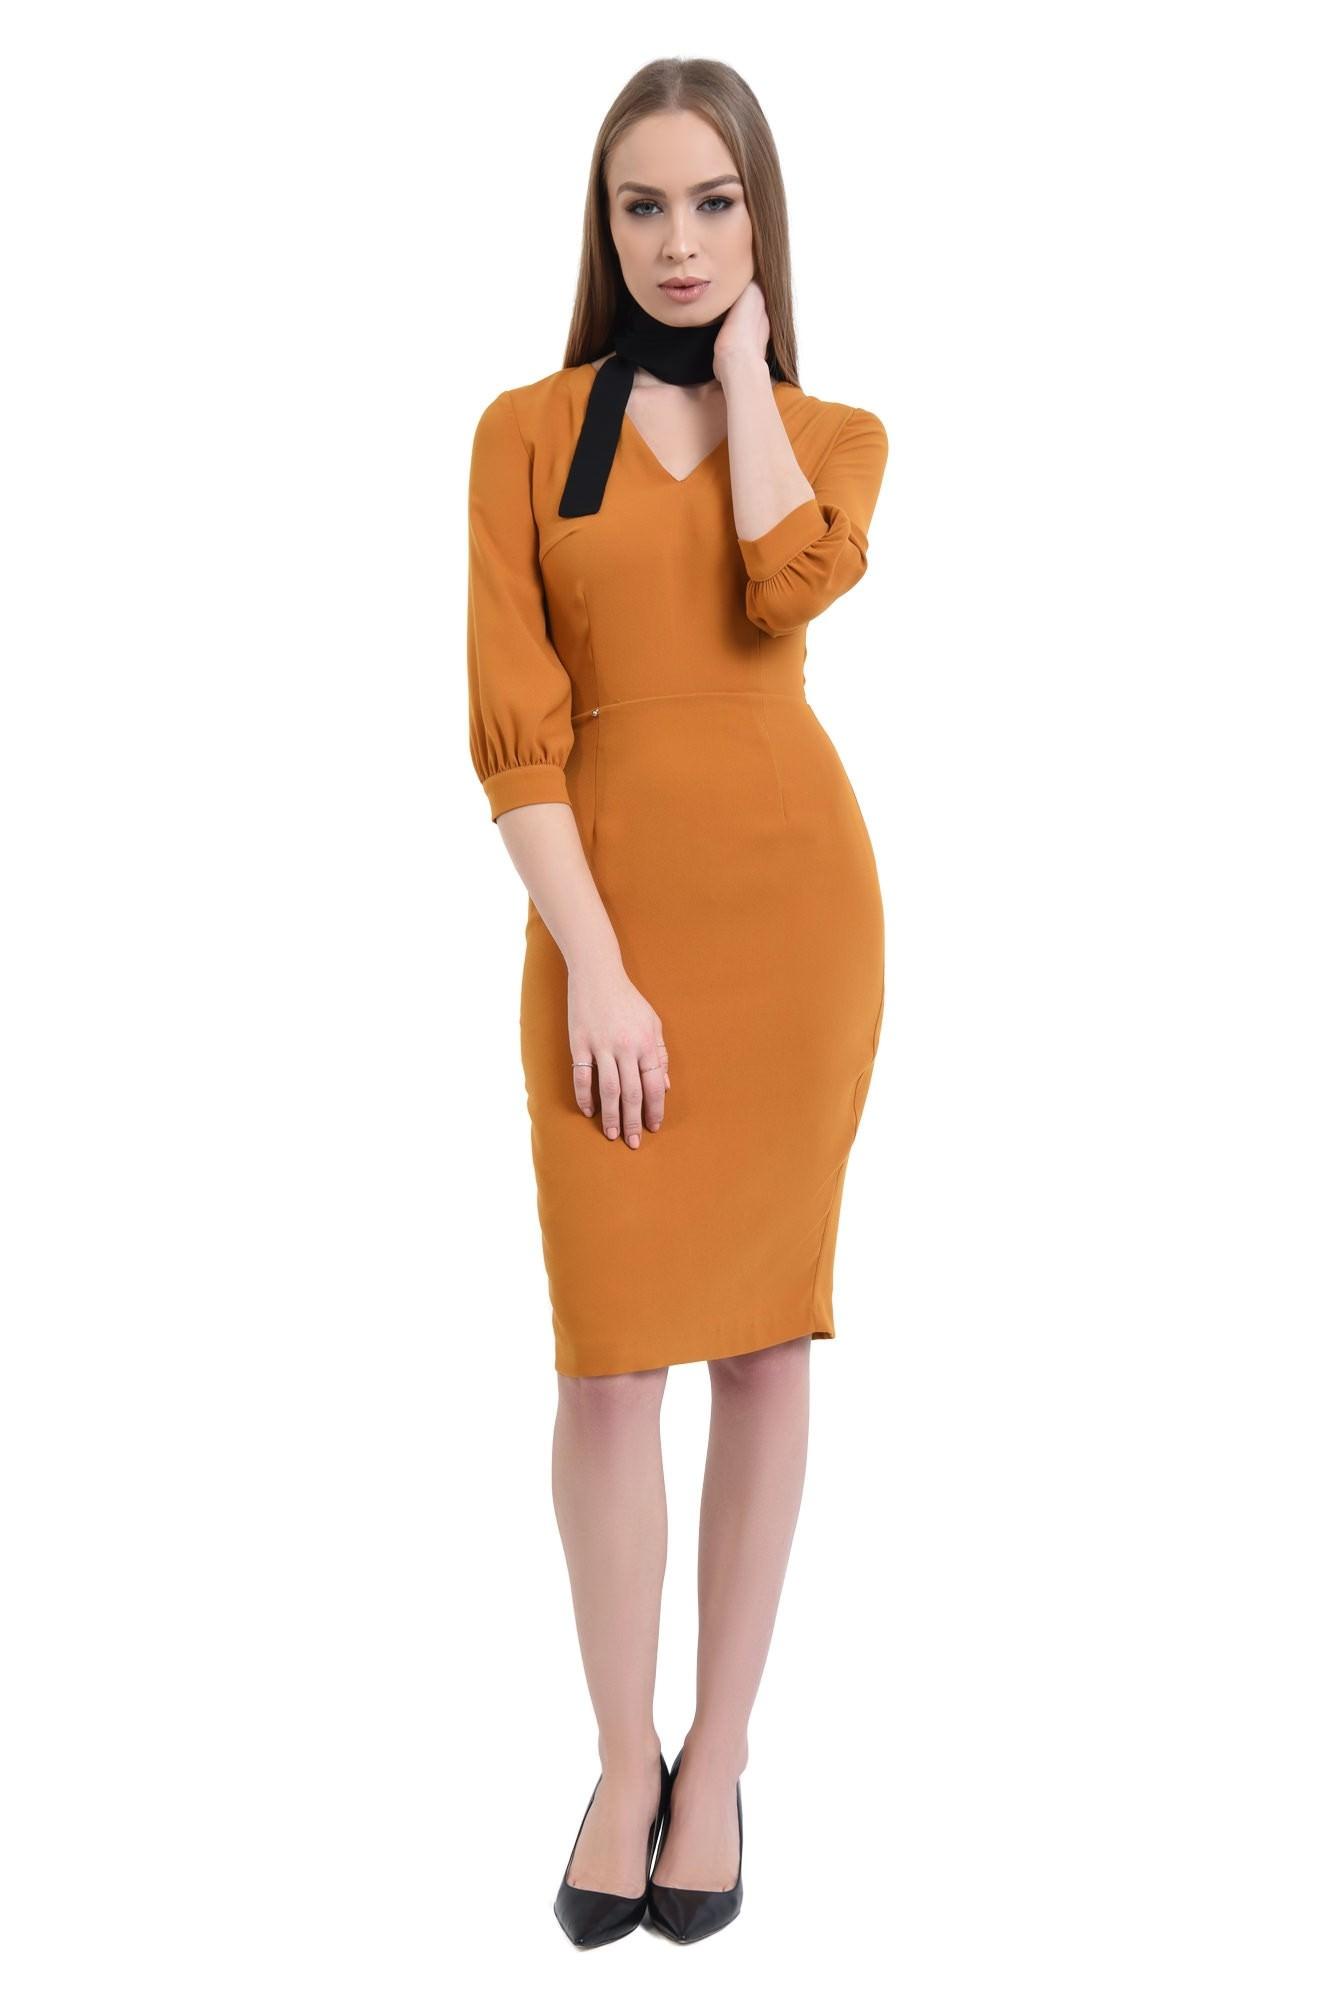 3 - 360 - Rochie casual mustar, fermoar, rochii de dama online